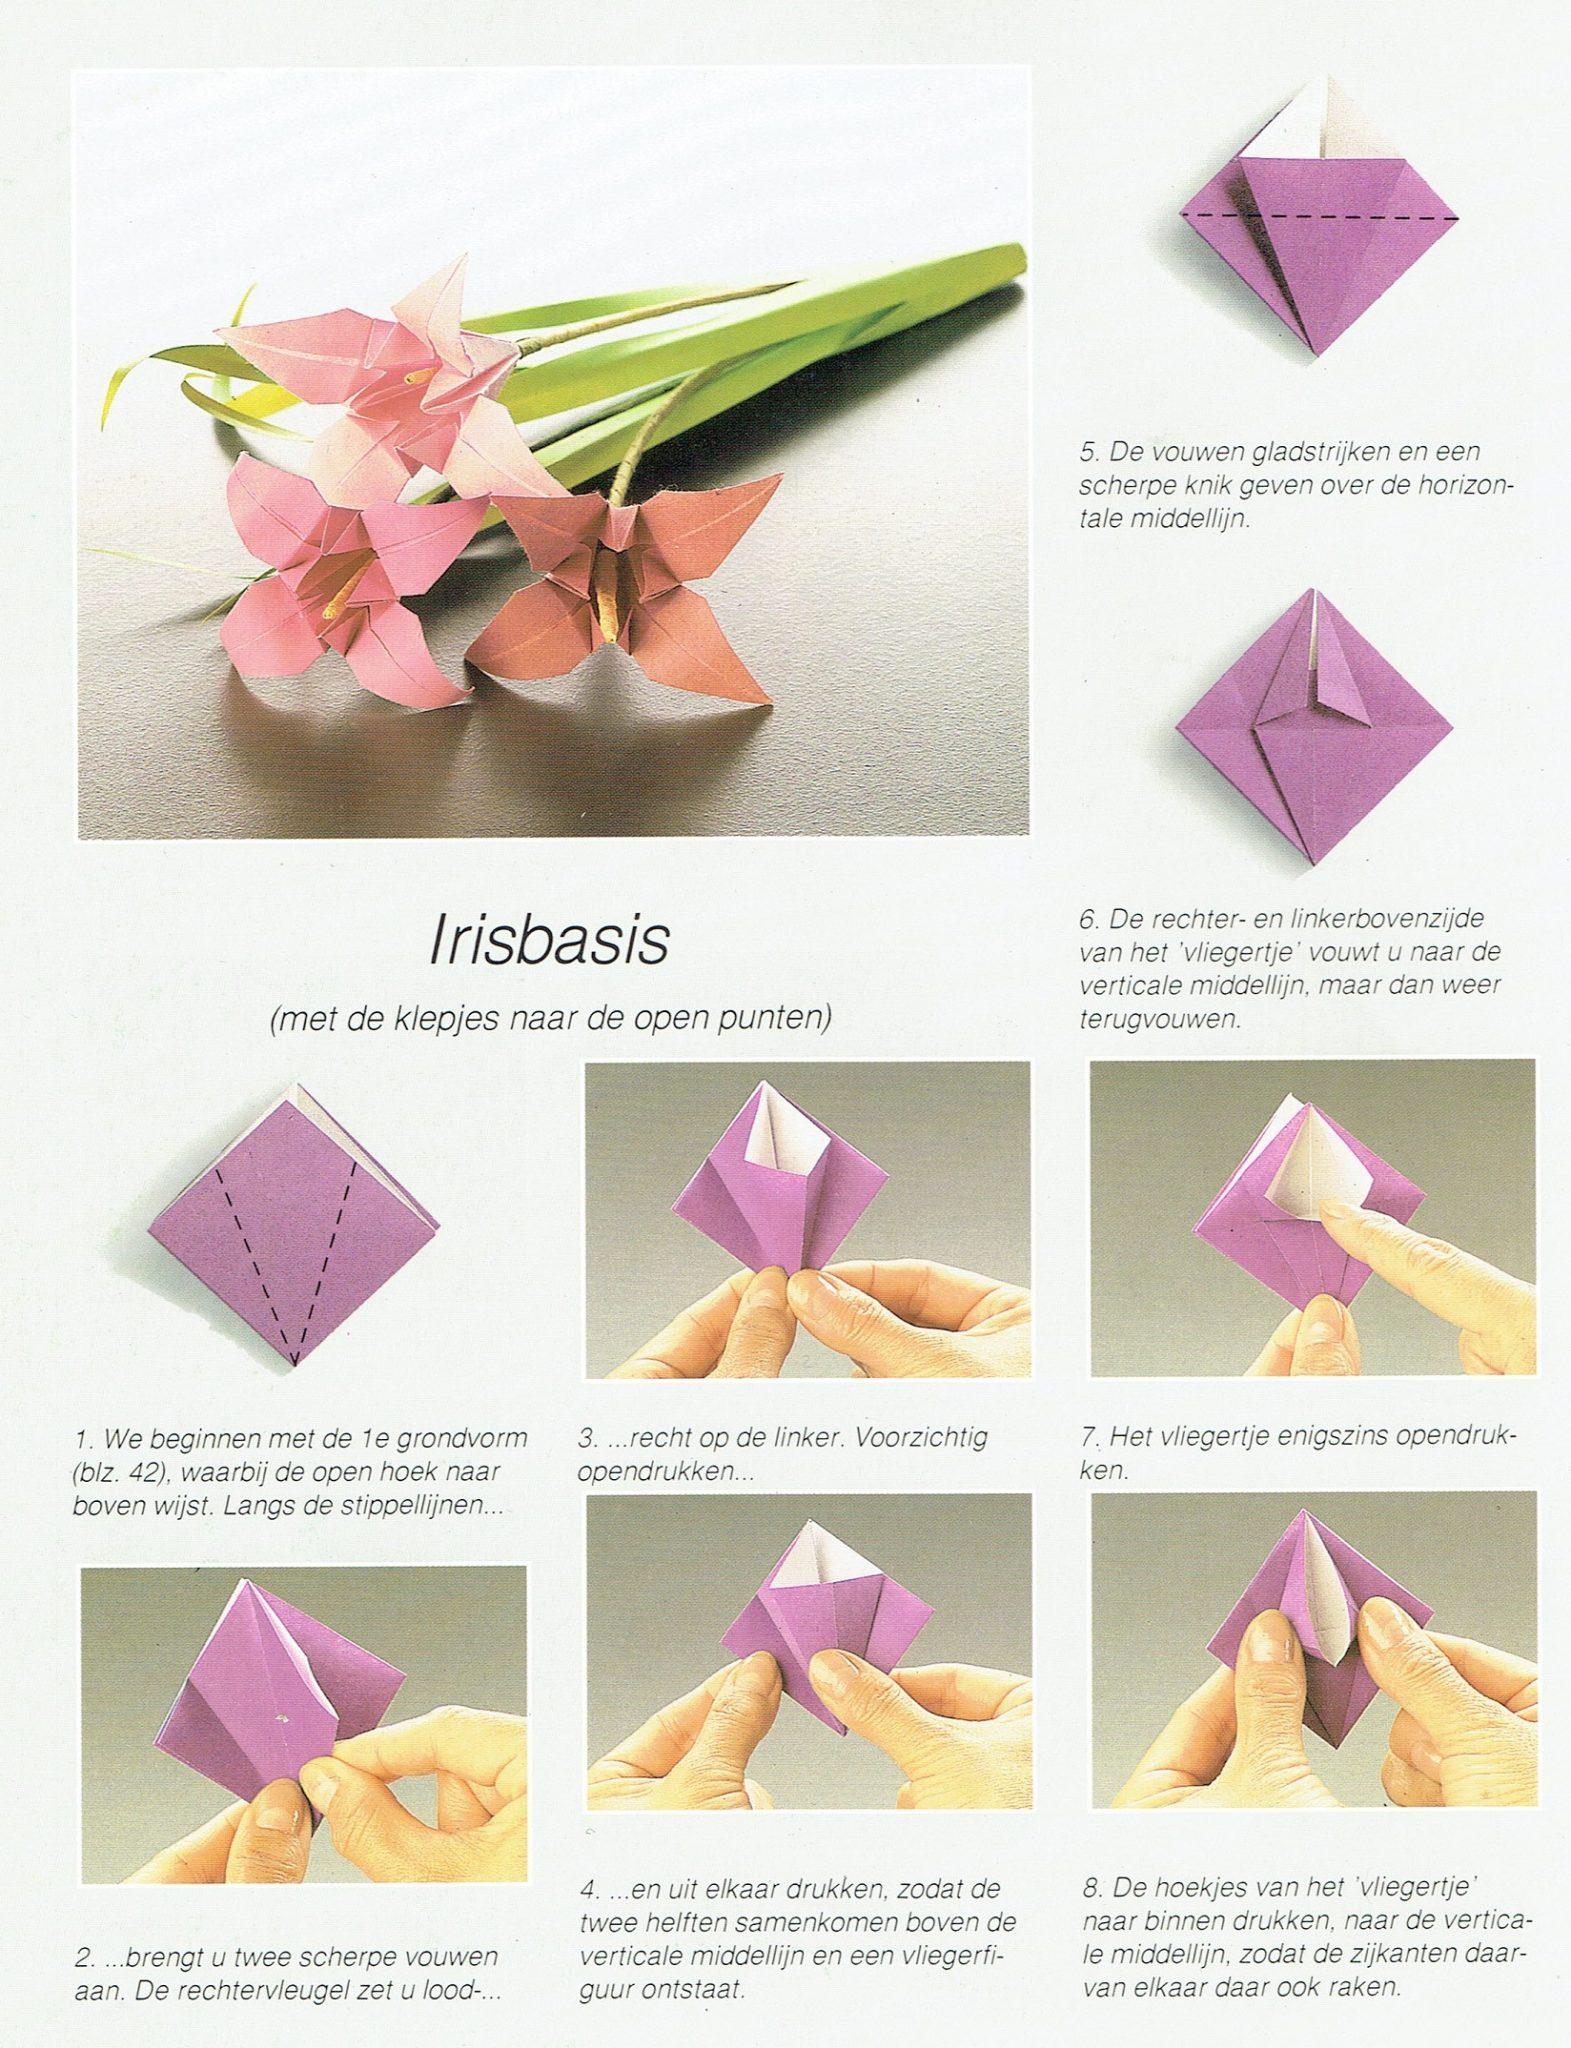 Irisbasis 1